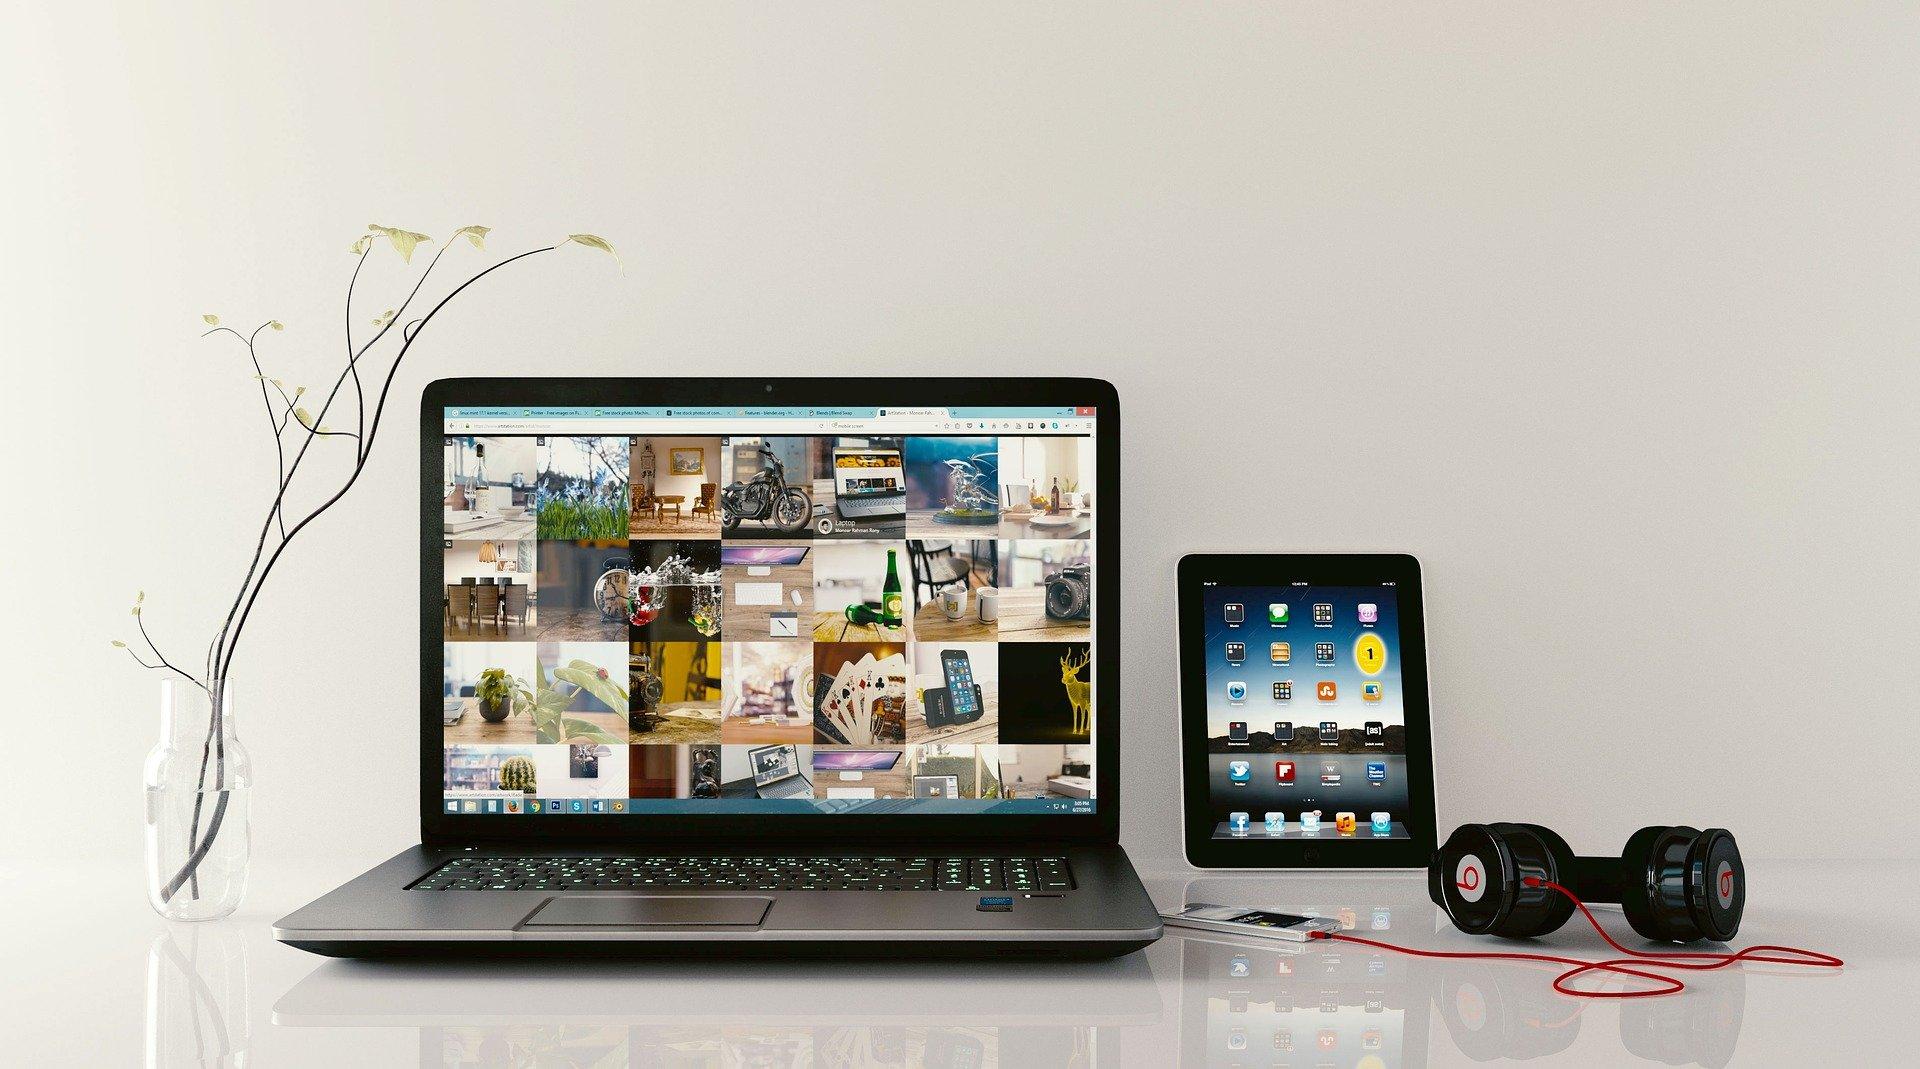 laptop uzyskany poprzez wypożyczenie laptopa leży na stole razem z tabletem, słuchawkami i wazonem